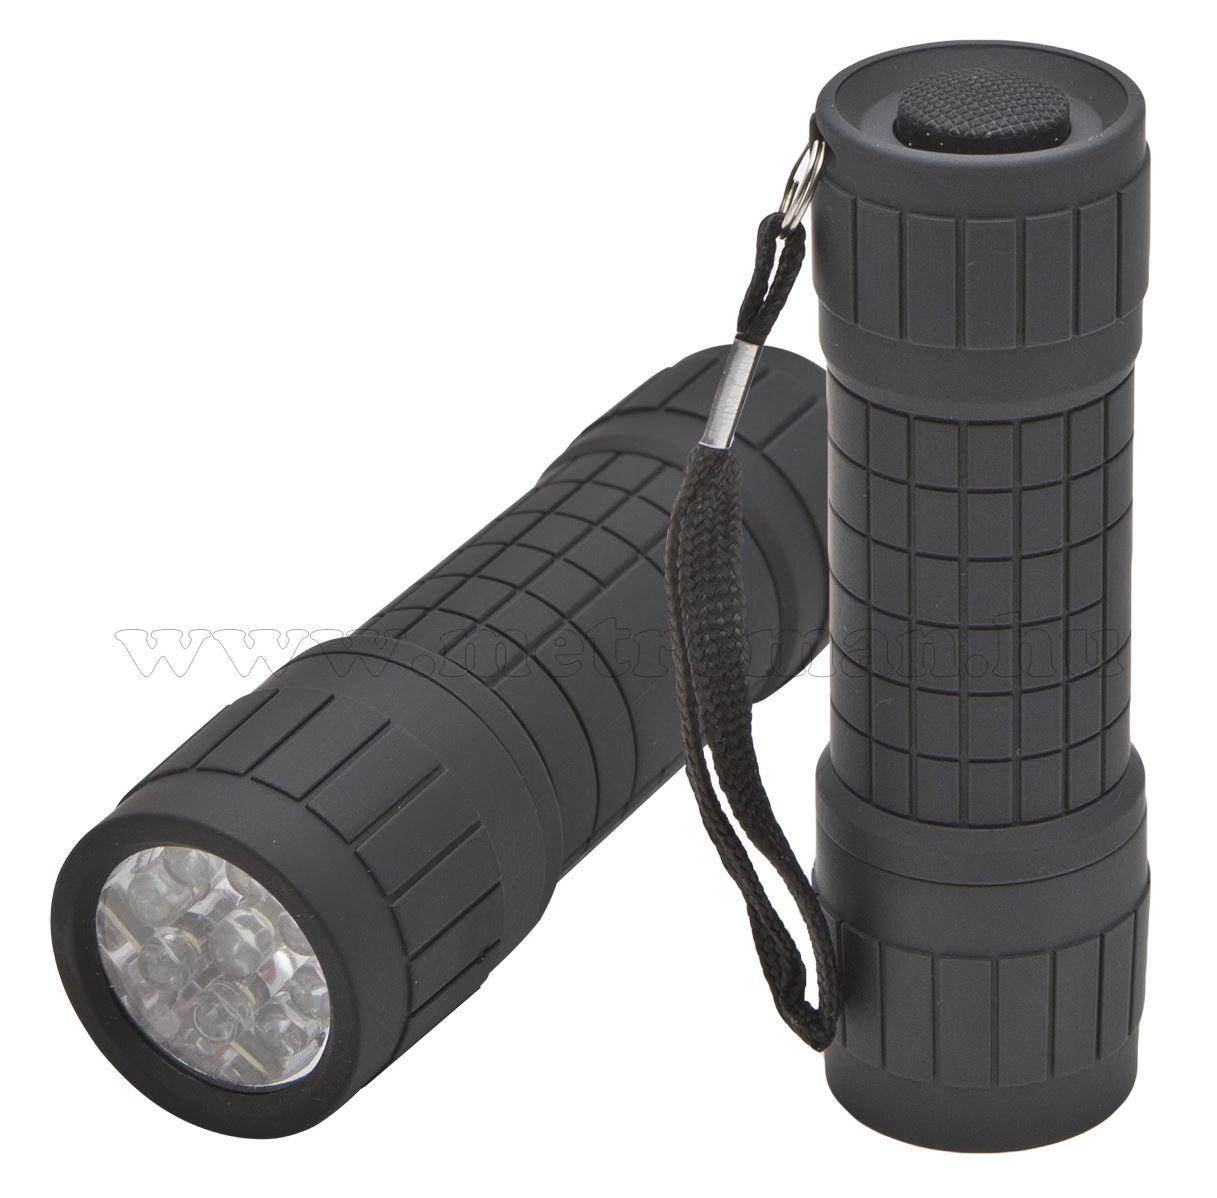 Kézi LED elemlámpa 9 LED-del 18605